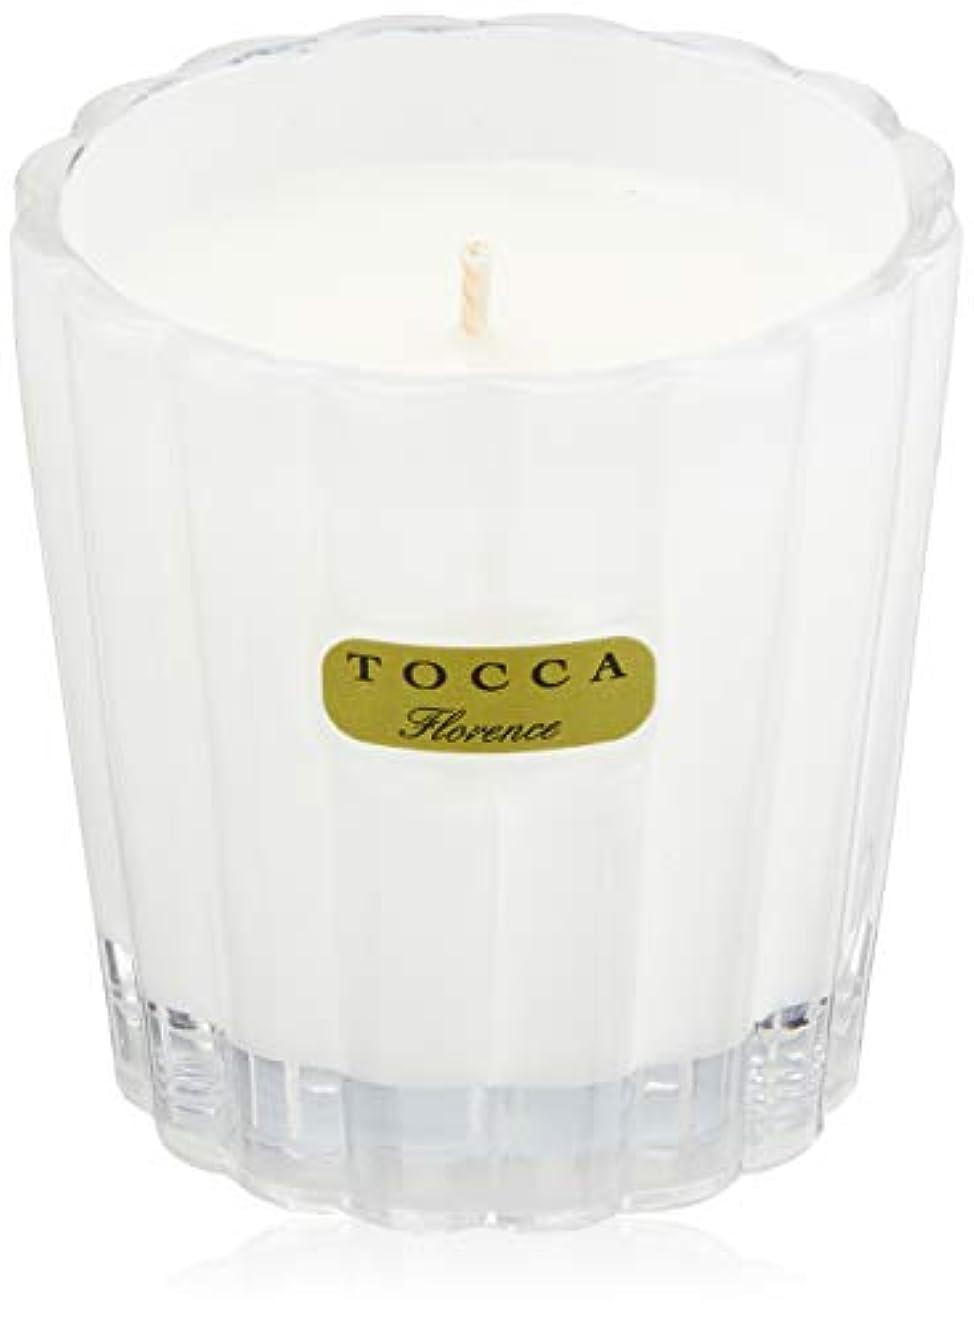 ダイバー利用可能降雨トッカ(TOCCA) キャンデリーナ フローレンスの香り 約85g (キャンドル ろうそく 上品なフローラルの香り)